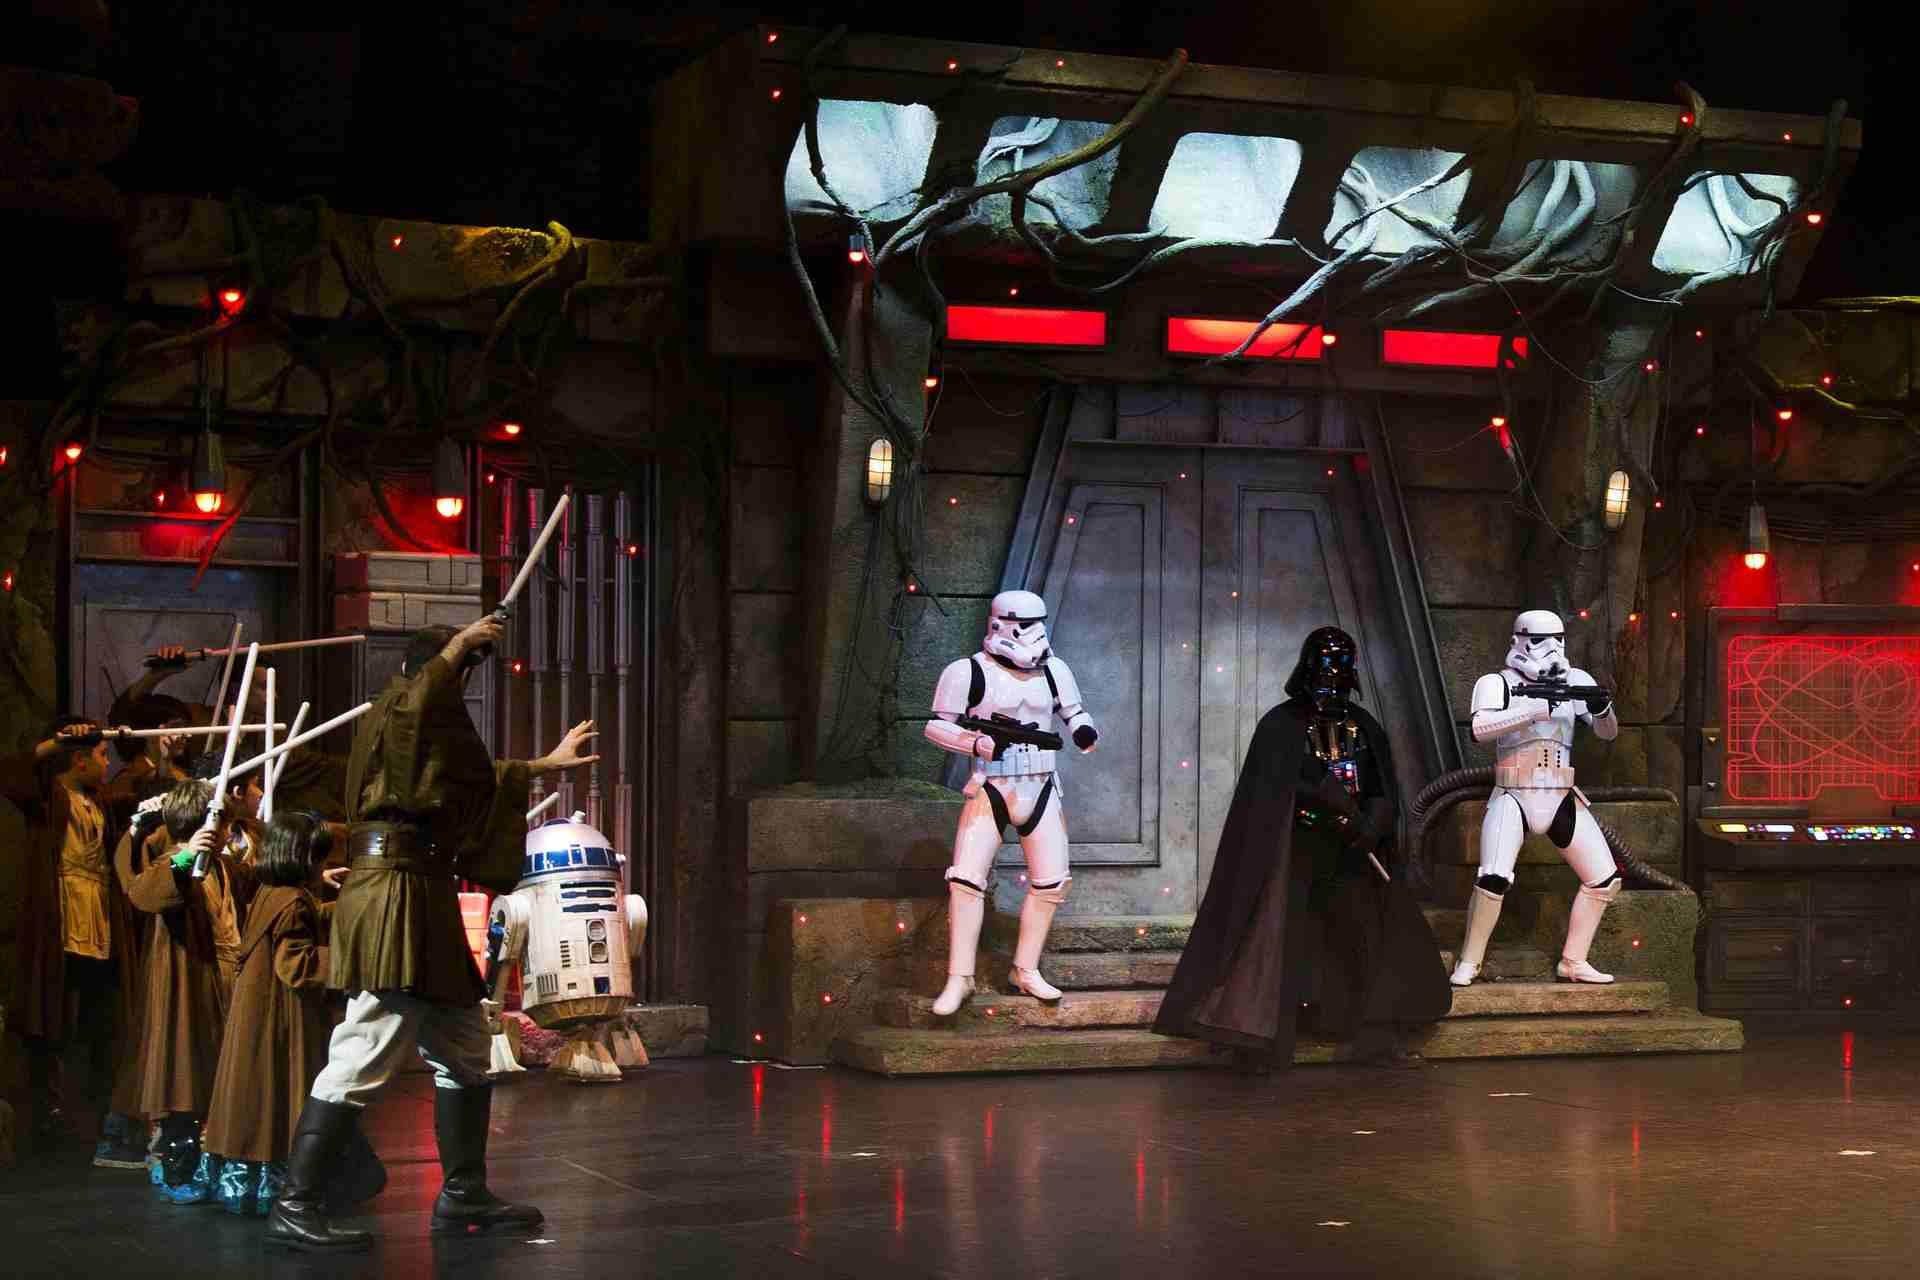 Disneyland Paris: Espaço Star Wars na Disneyland Paris com os personagens do filme